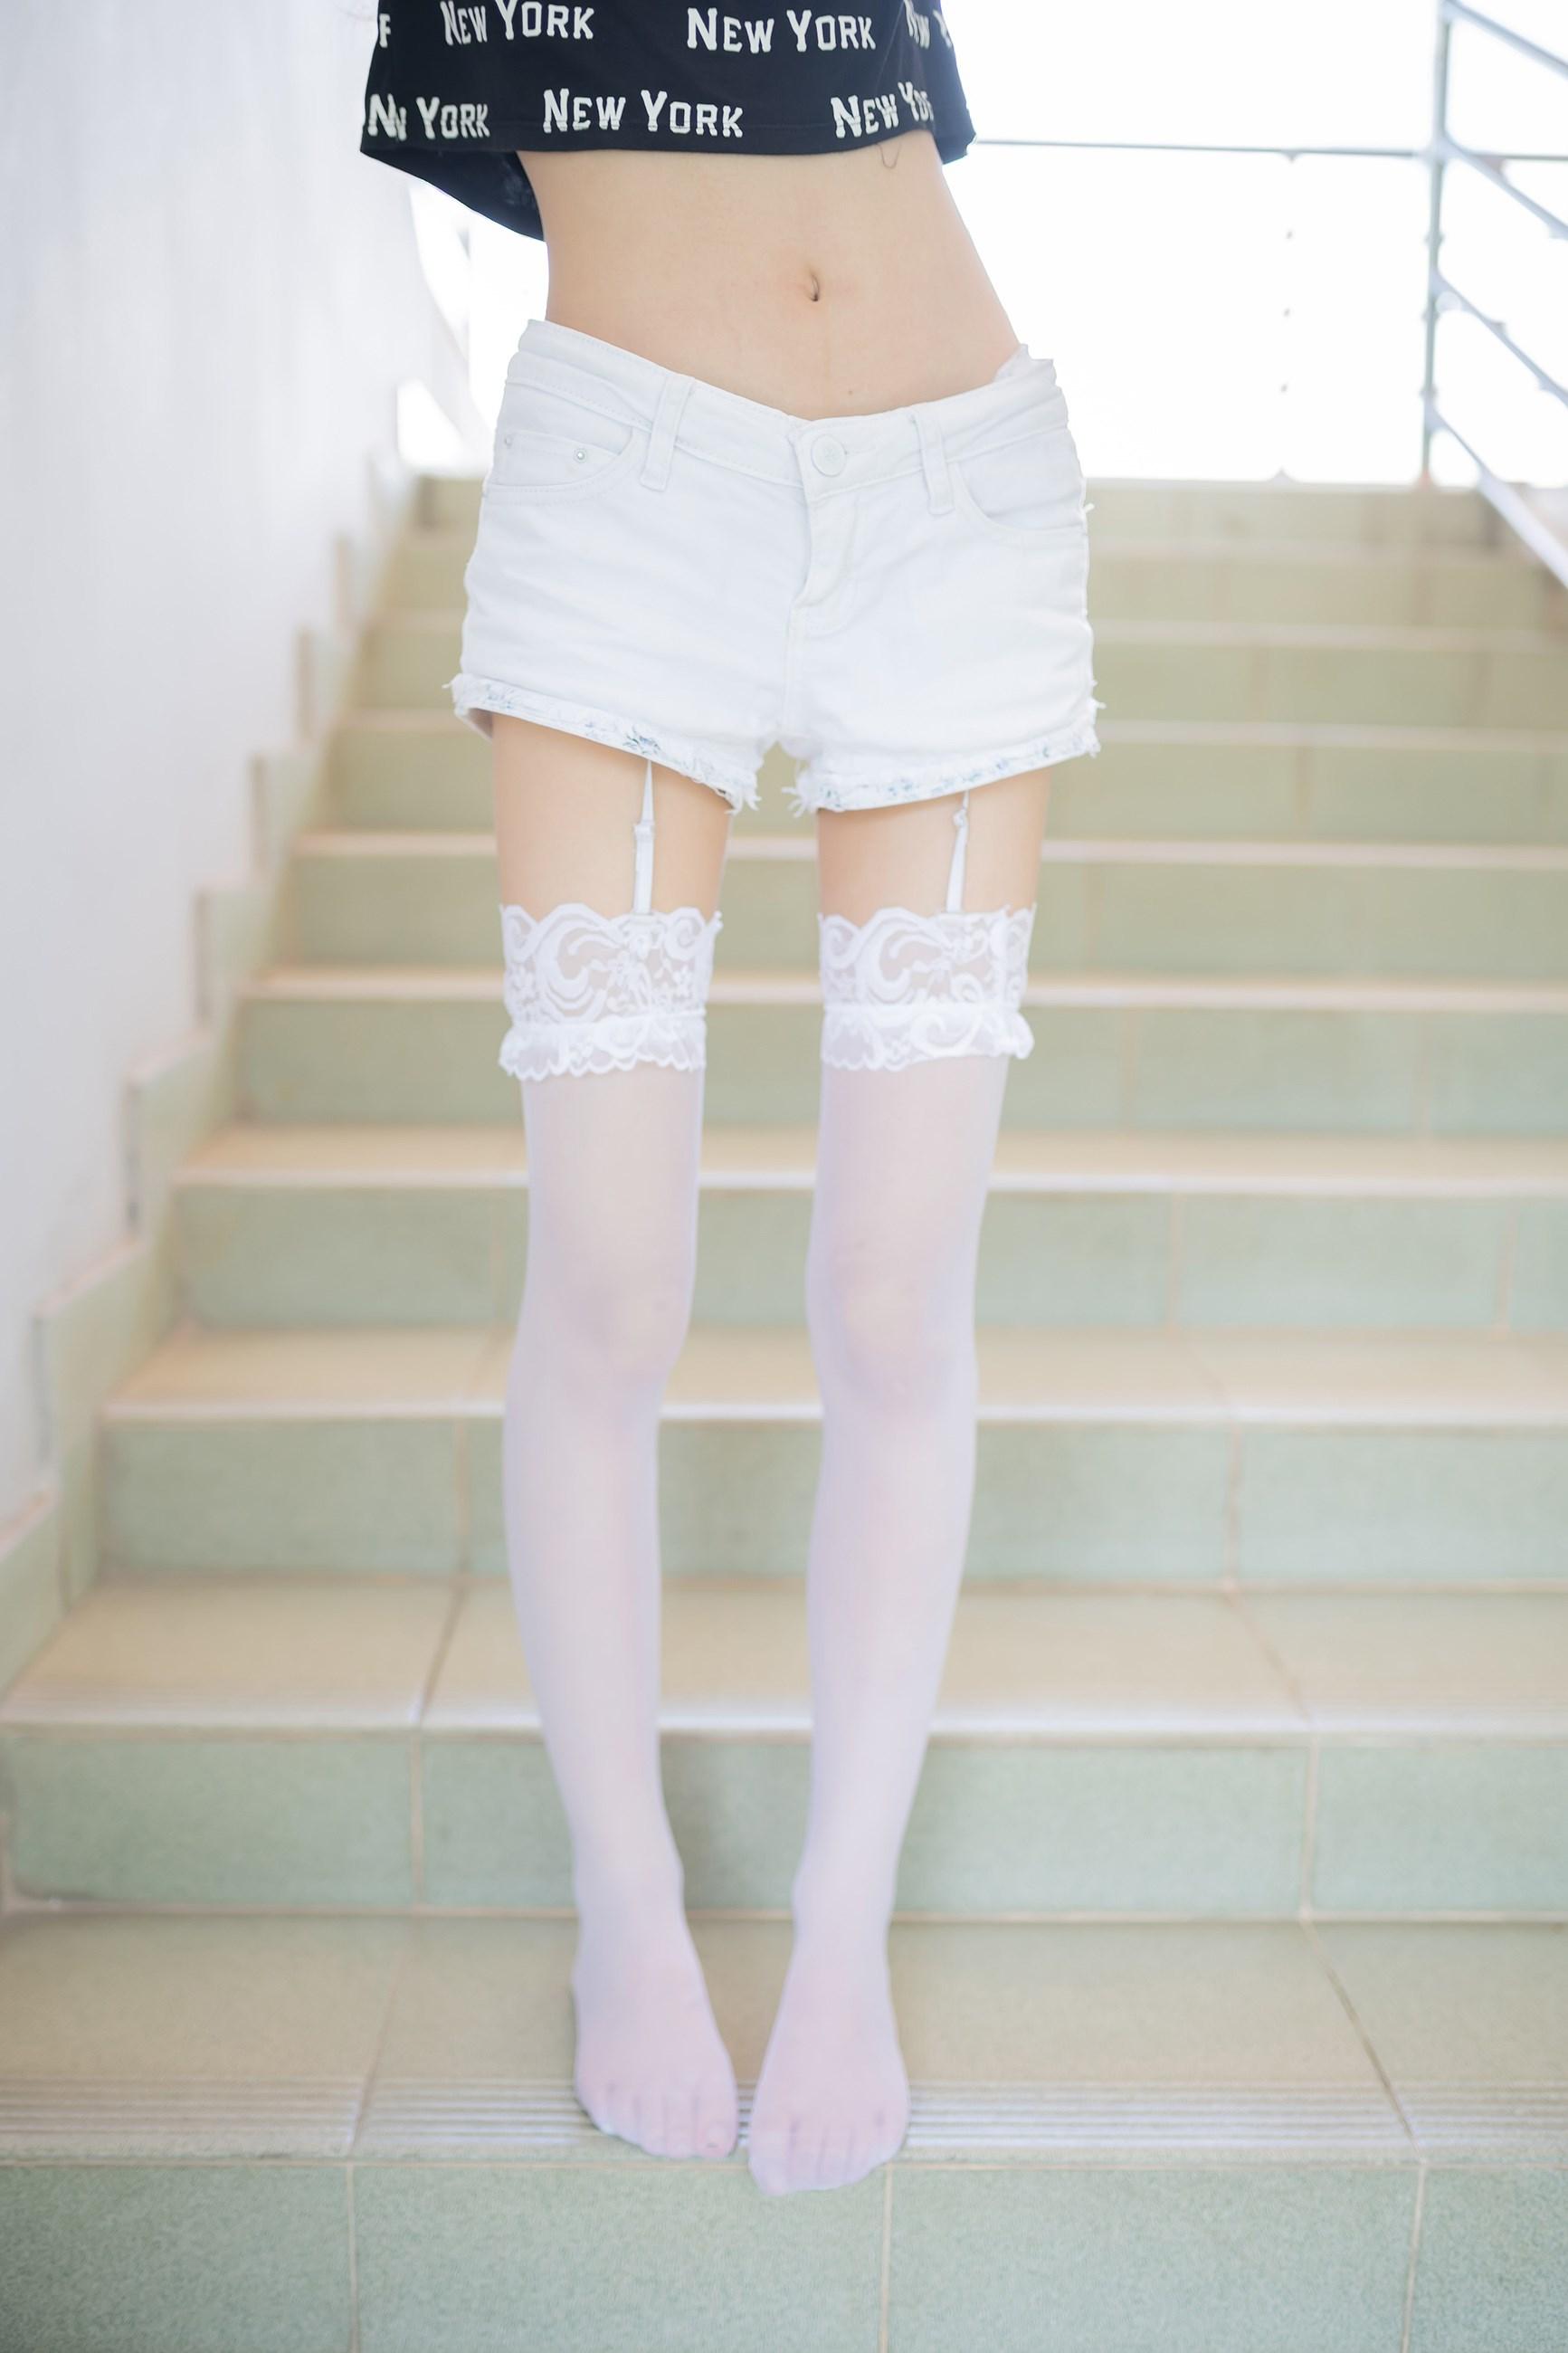 【兔玩映画】白丝吊带袜 兔玩映画 第11张